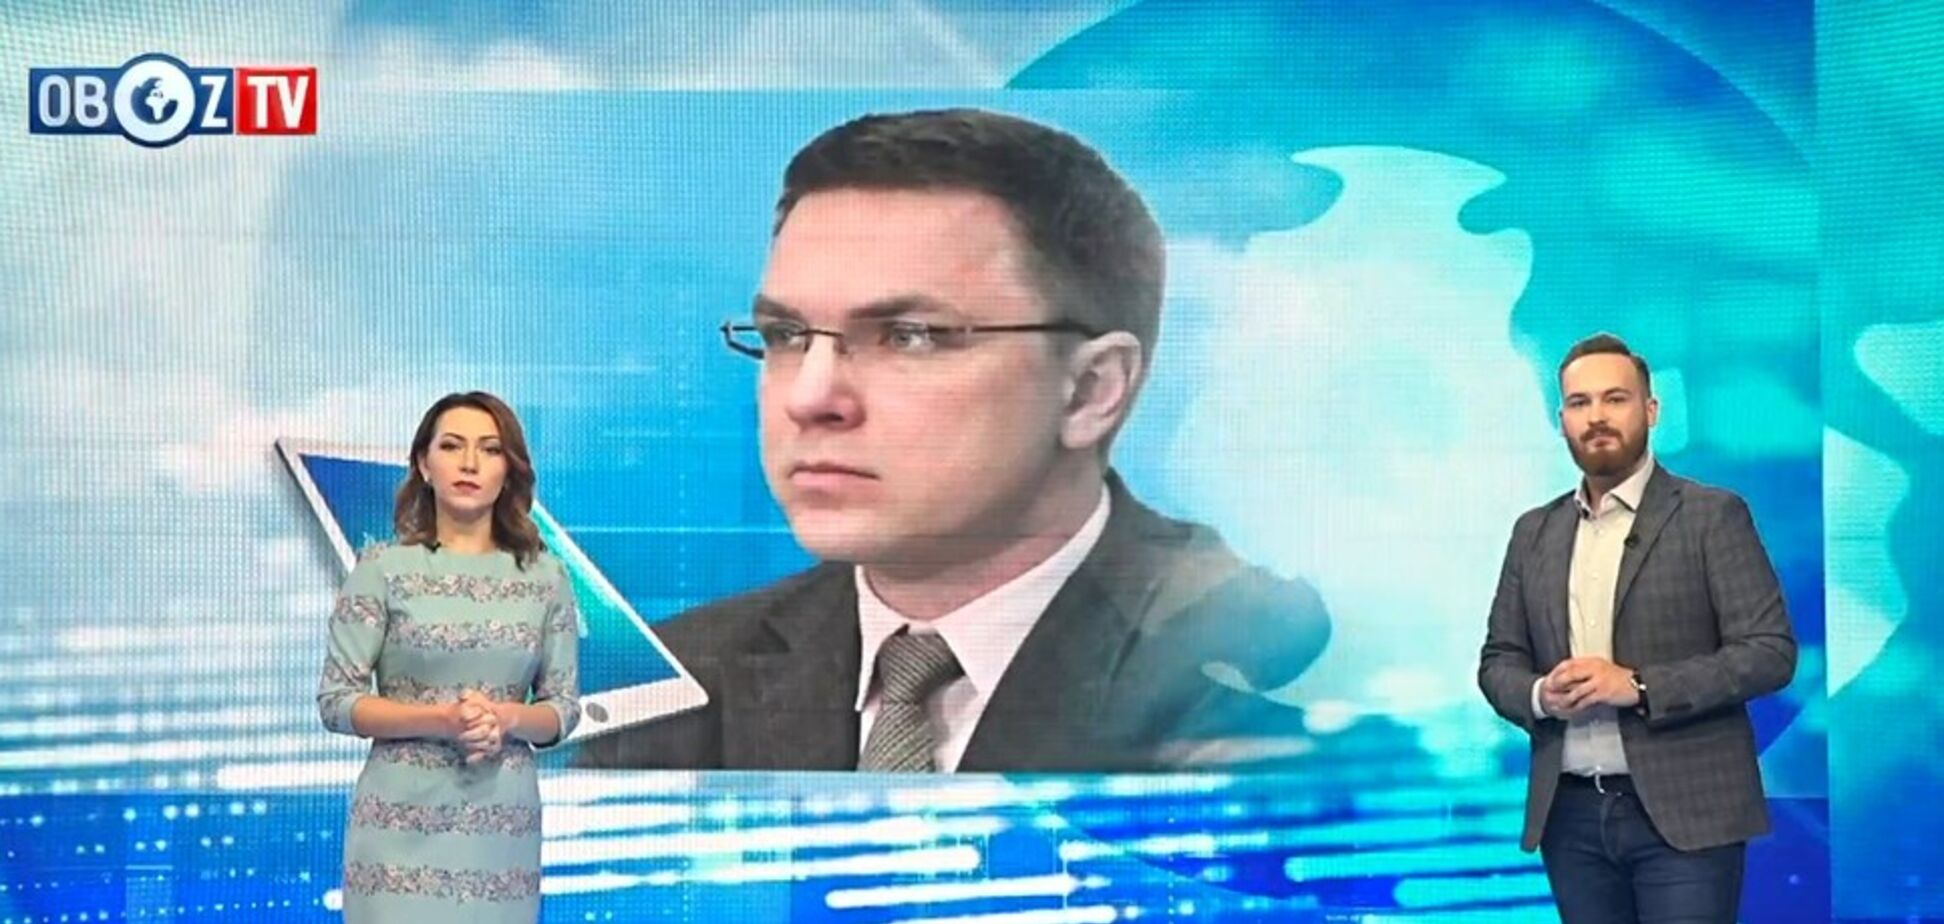 'Серіали і ток-шоу': стало відомо, що покаже російськомовний канал Зеленського